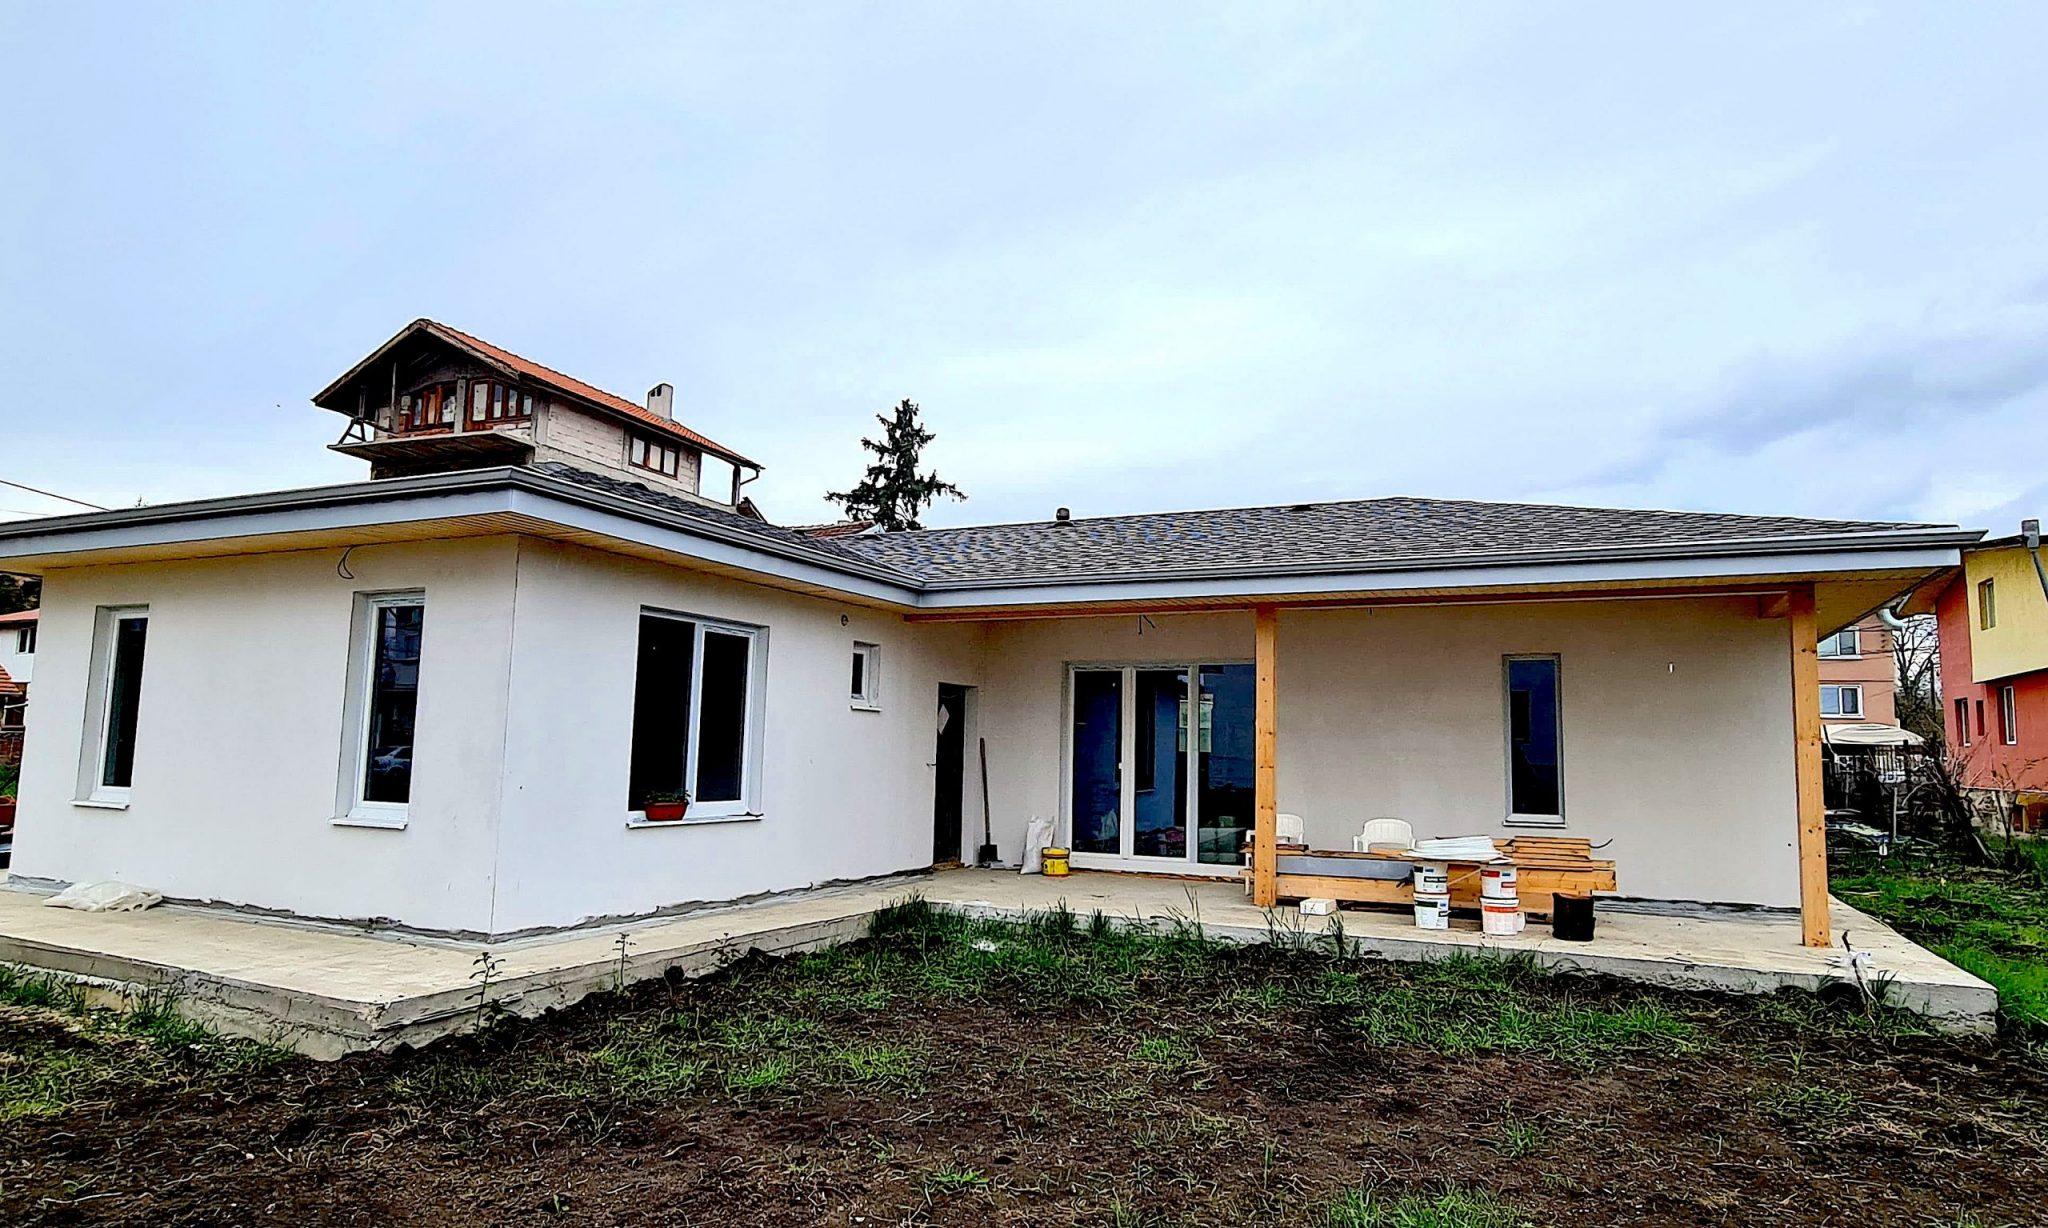 Къща Горно Камарци 65кв.м.+веранда